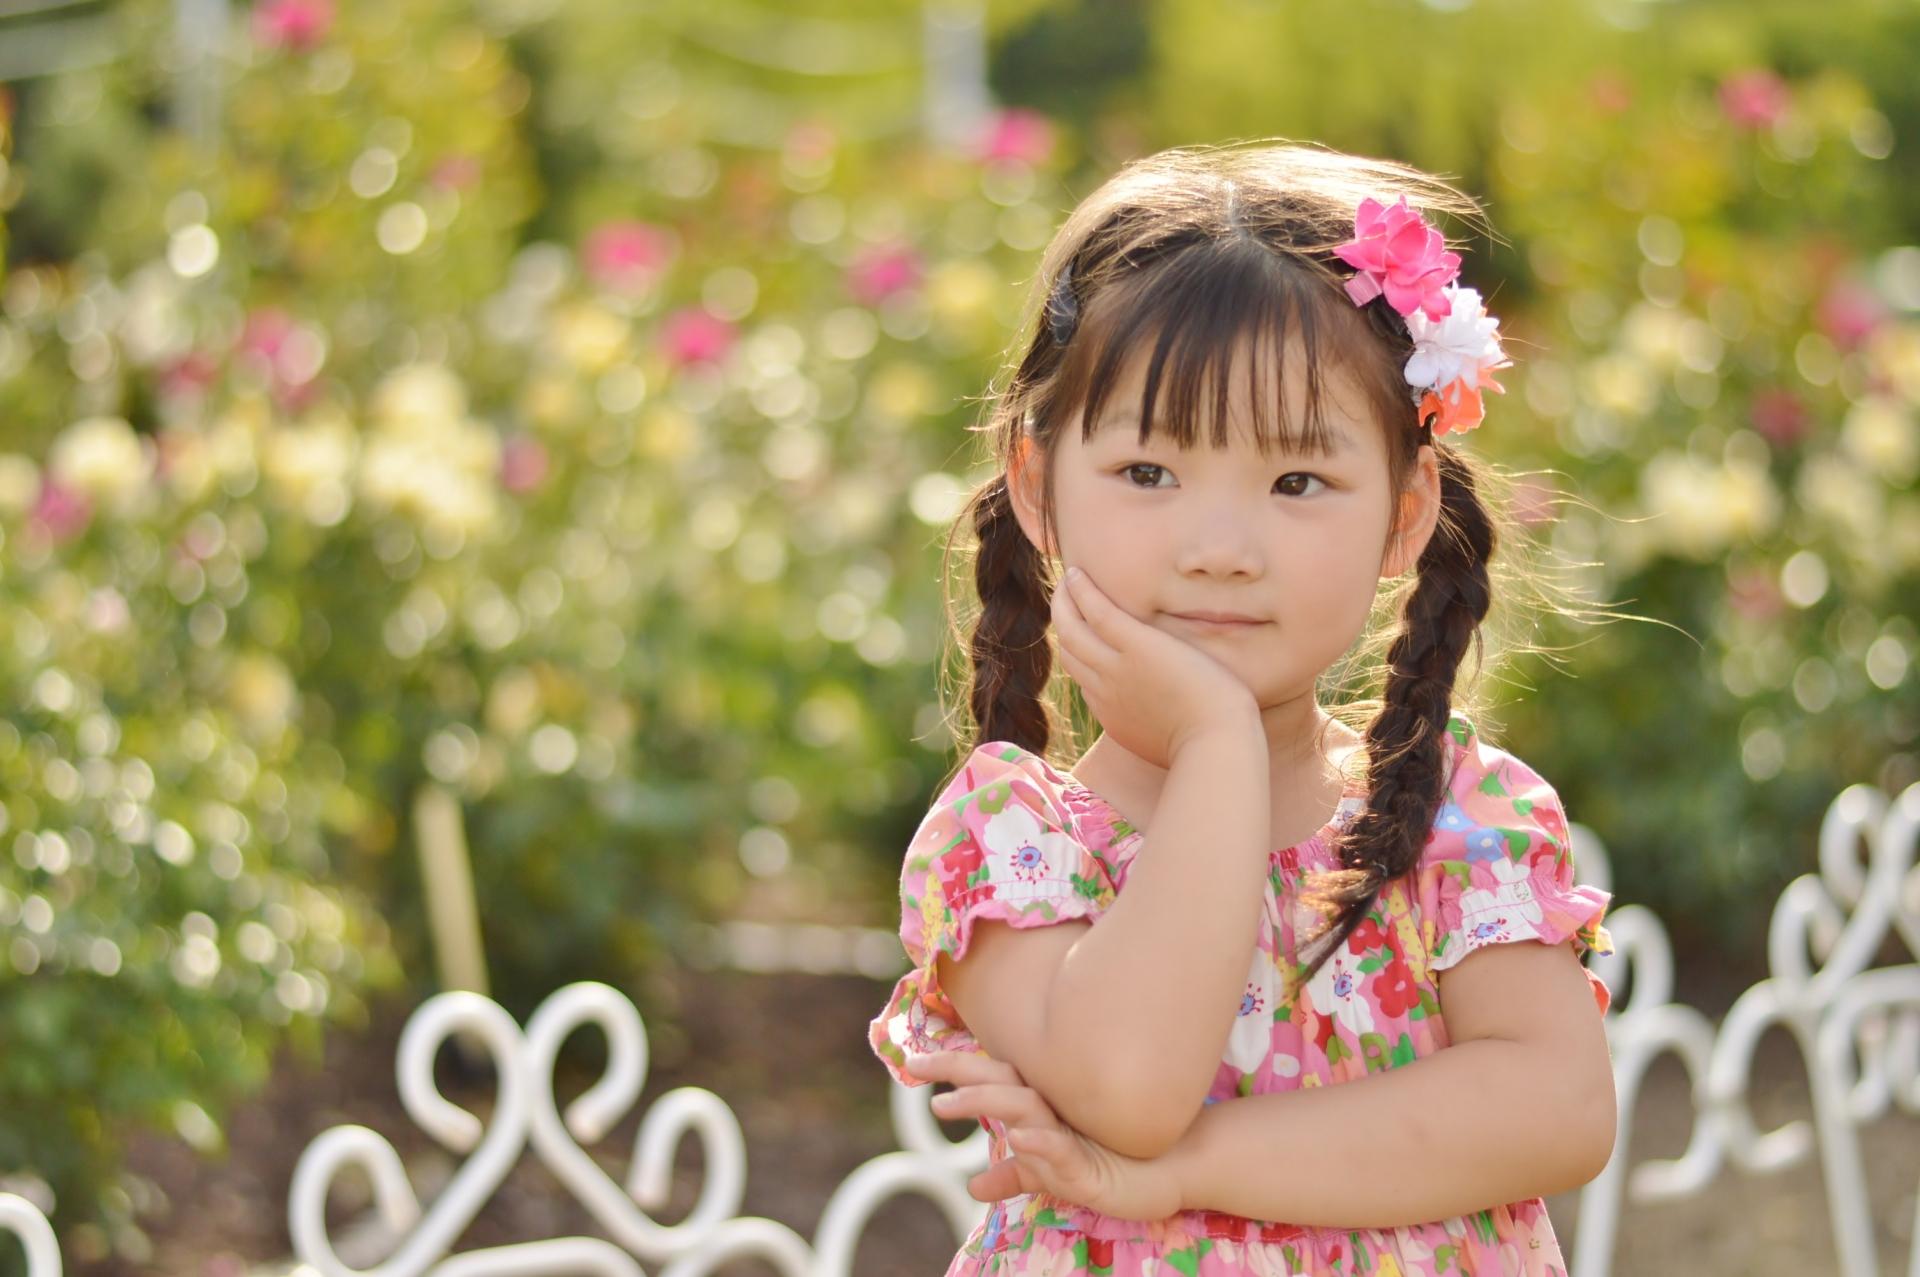 自分で時間を考え、行動できる子に育つ!【5つのステップ】の画像2